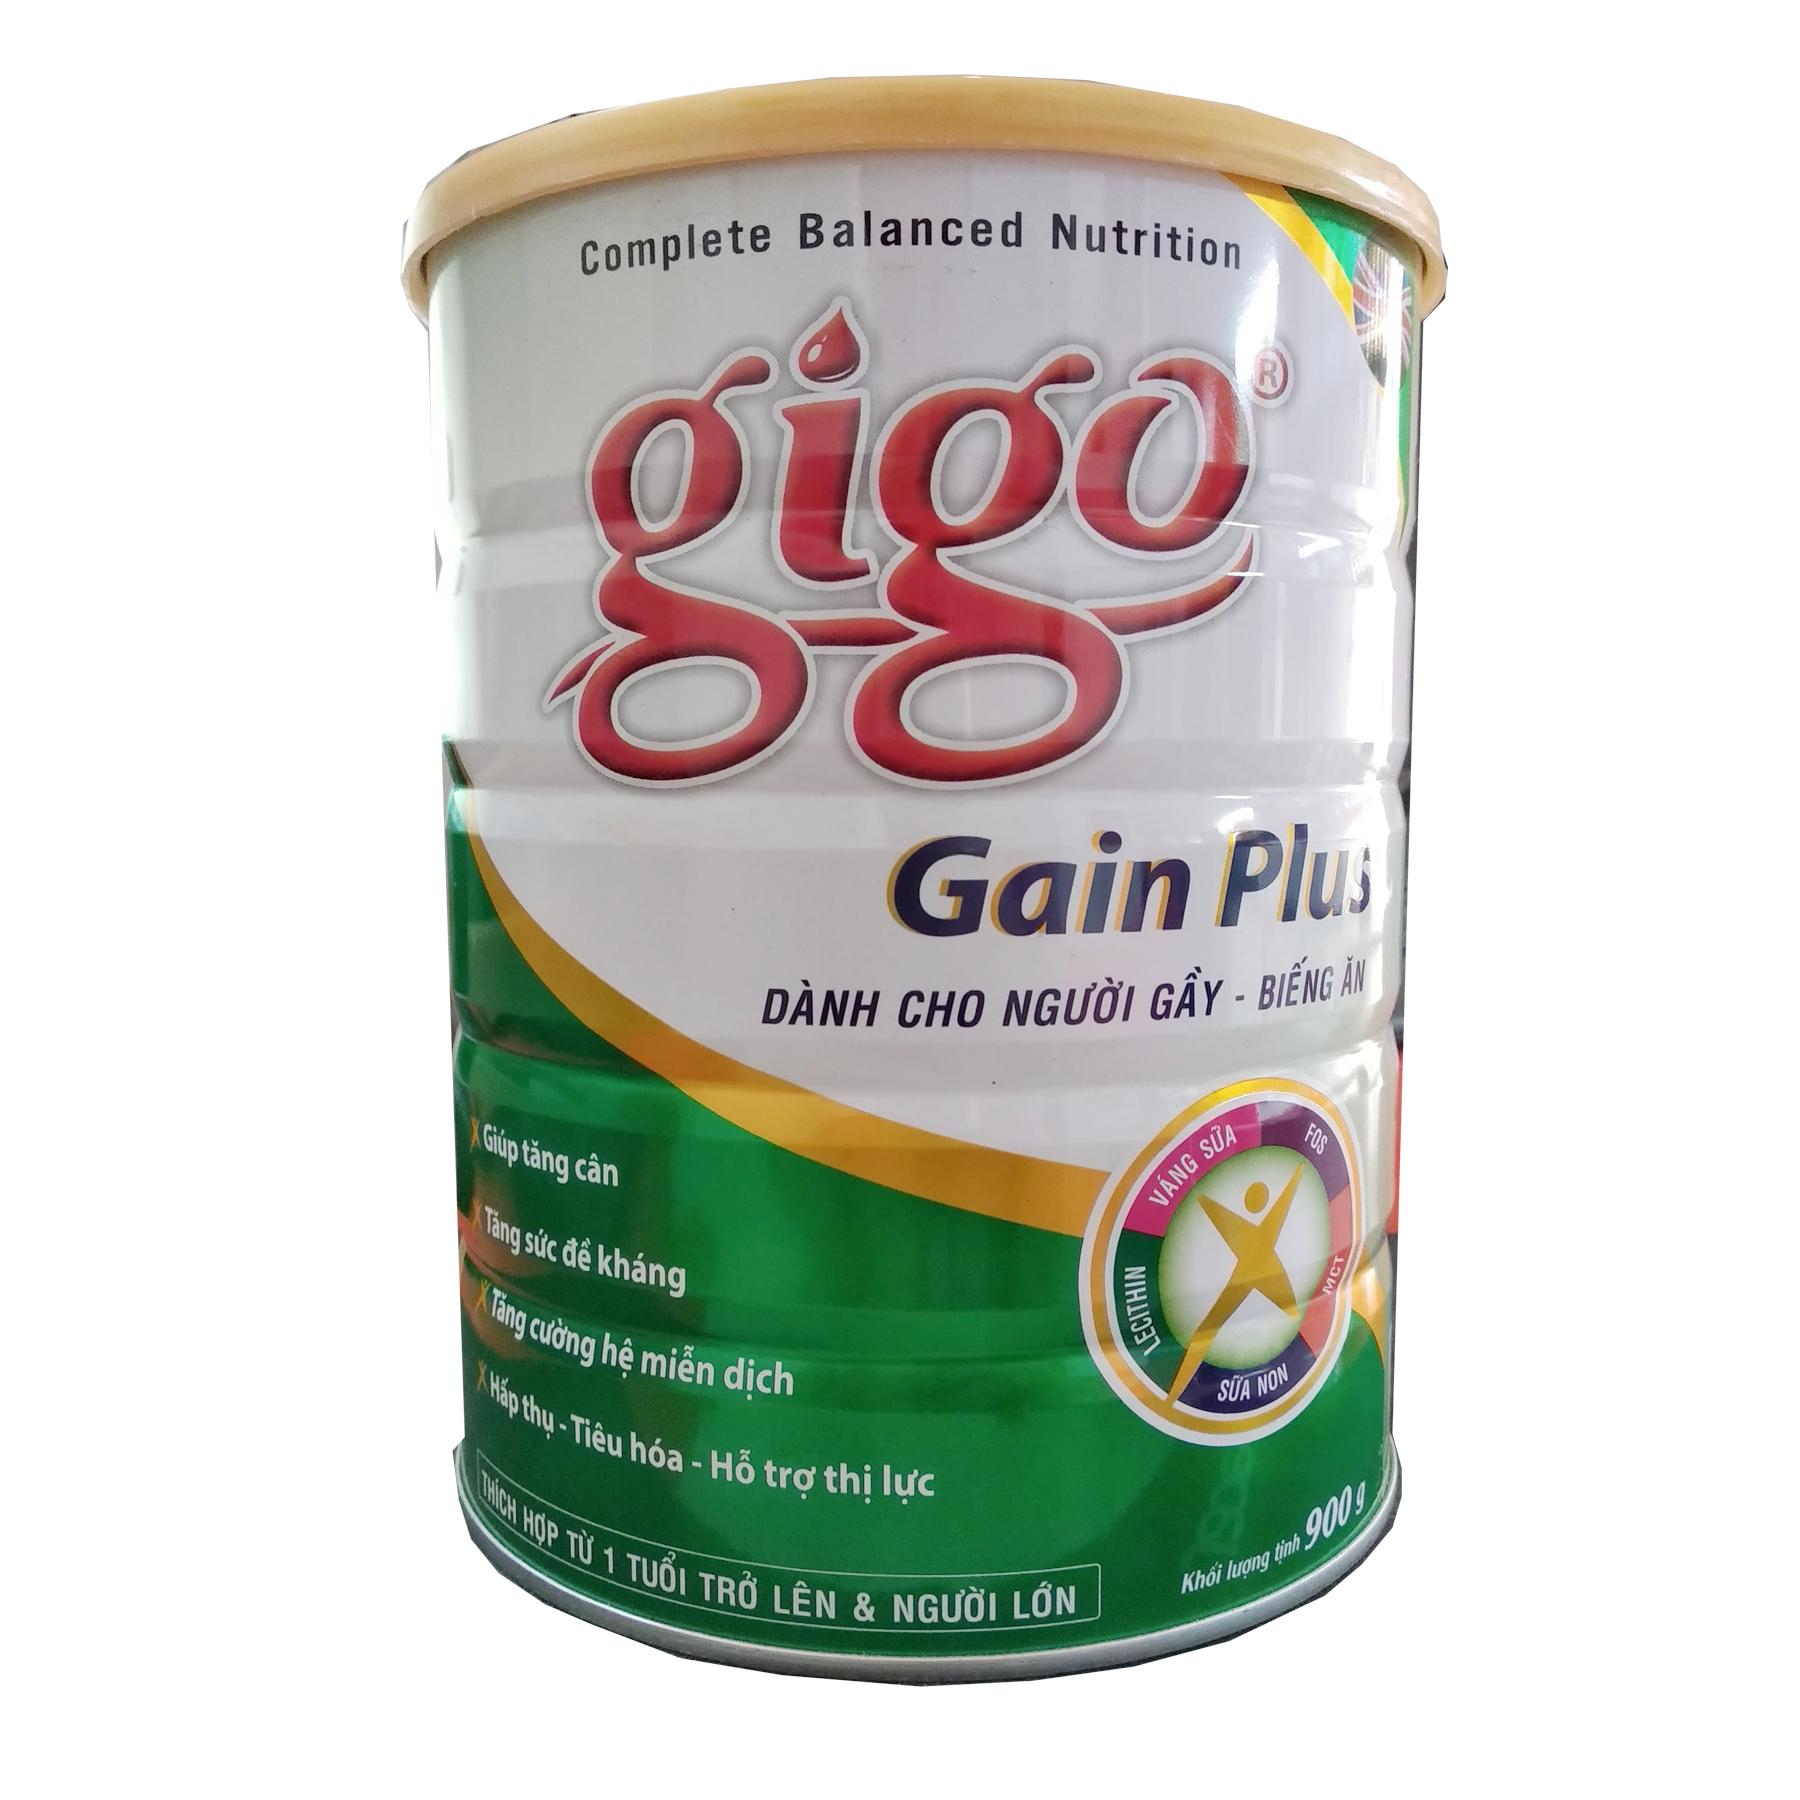 Gigo GAIN Plus 900 gr : Dinh dưỡng cho người gầy có nhu cầu tăng cân, cho người từ 1 tuổi trở lên